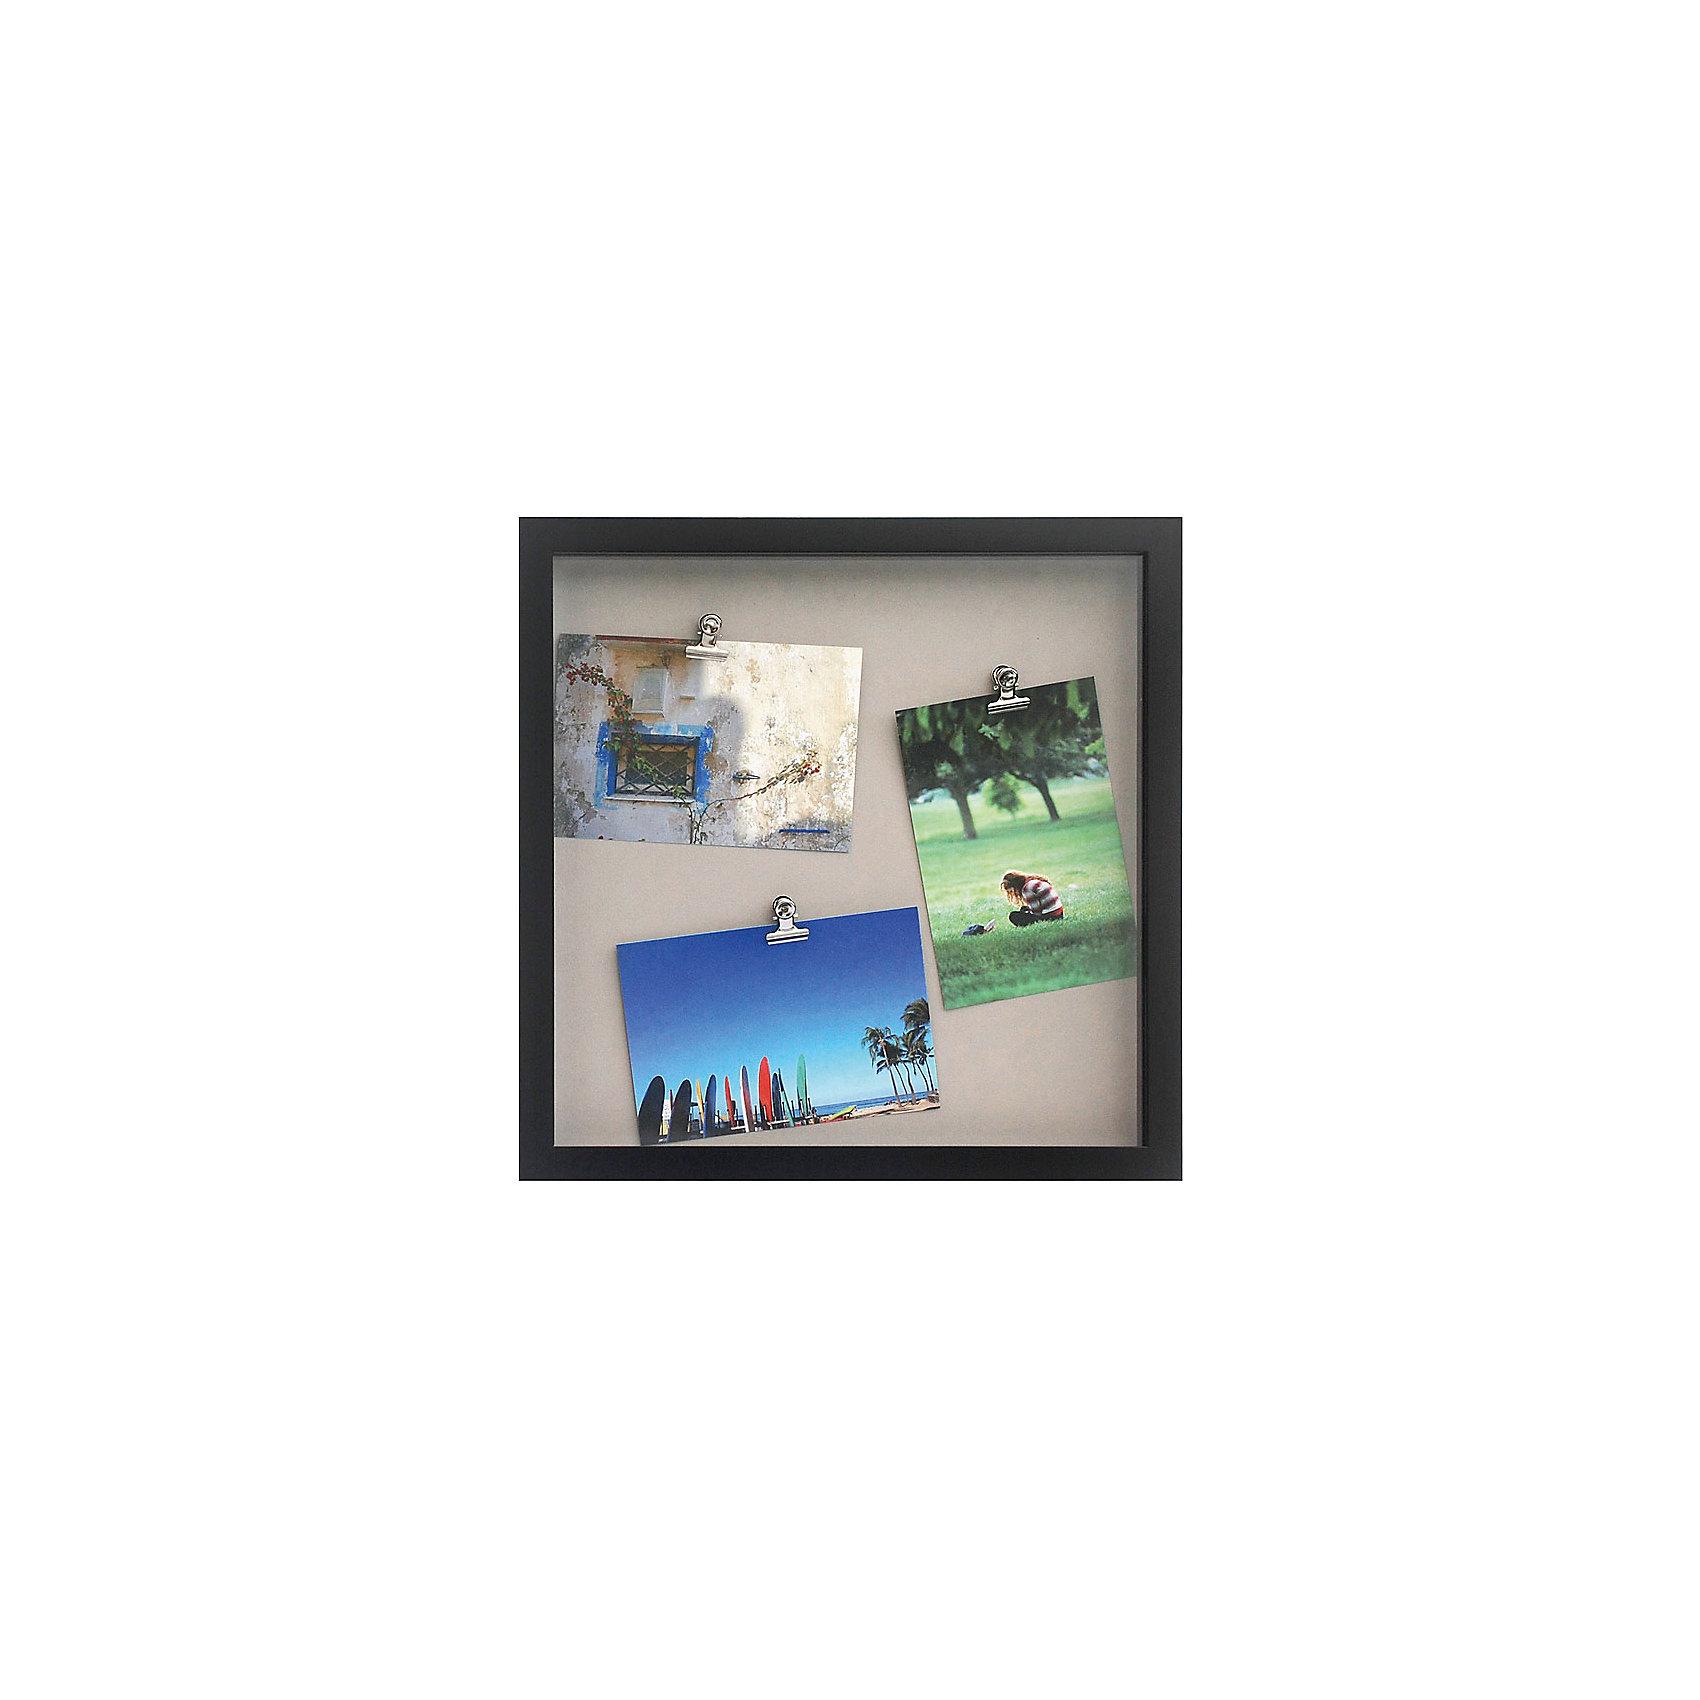 Фоторамка комбинированная чернаяХарактеристики:<br><br>• Предназначение: для оформления фотографий, вышивок, картин<br>• Пол: универсальный<br>• Материал: пластик, оргстекло, металл<br>• Цвет: черный<br>• Комплектация: рамка с 3-мя металлическими зажимами<br>• Размеры (Ш*Д*В): 45,8*45,8*3 см<br>• Вес в упаковке: 1 кг 160 г <br>• Упаковка: картонная коробка<br><br>Фоторамка комбинированная черная – это пластиковая фоторамка с подложкой от торговой марки Белоснежка, специализирующейся на товарах для творчества и рукоделия. Изделие изготовлено в виде рамки с тремя металлическими зажимами, благодаря которым можно легко комбинировать и группировать разные фотографии внутри самой рамки. С такой фоторамкой можно создать семейную историю из любимых фотографий или использовать ее для оформления вышивок, картин. Она имеет подвесное крепление, поэтому с помощью этой фоторамки можно оформить интерьер. Комбинированная фоторамка выполнена в классическом черном цвете, поэтому она может придать интерьеру экстравагантность и стиль. <br><br>Фоторамку комбинированную черную можно купить в нашем интернет-магазине.<br><br>Ширина мм: 330<br>Глубина мм: 330<br>Высота мм: 30<br>Вес г: 5790<br>Возраст от месяцев: 72<br>Возраст до месяцев: 144<br>Пол: Унисекс<br>Возраст: Детский<br>SKU: 5089798